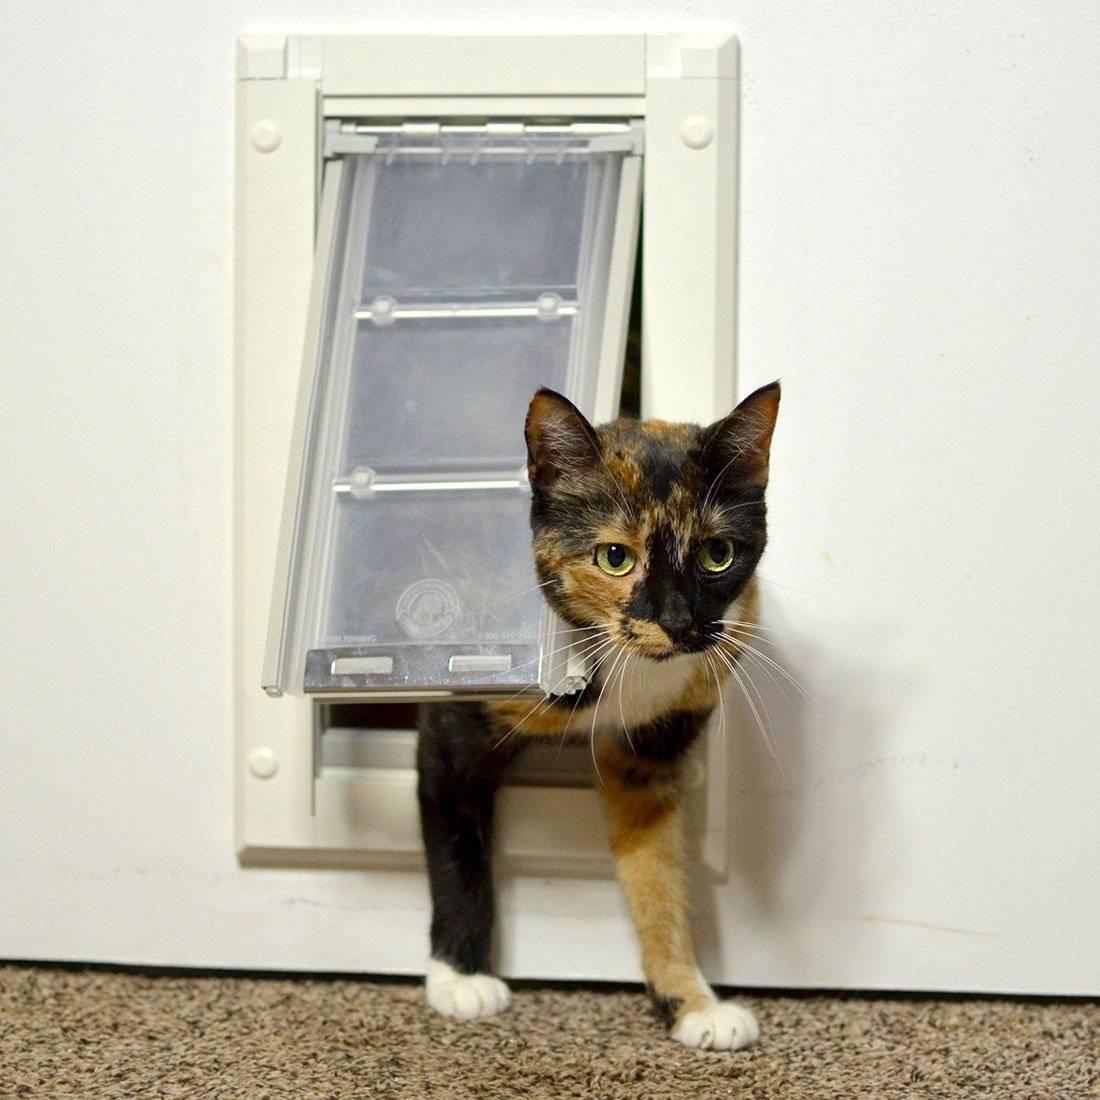 Как сделать в двери проход для кошки? - дачный мастер